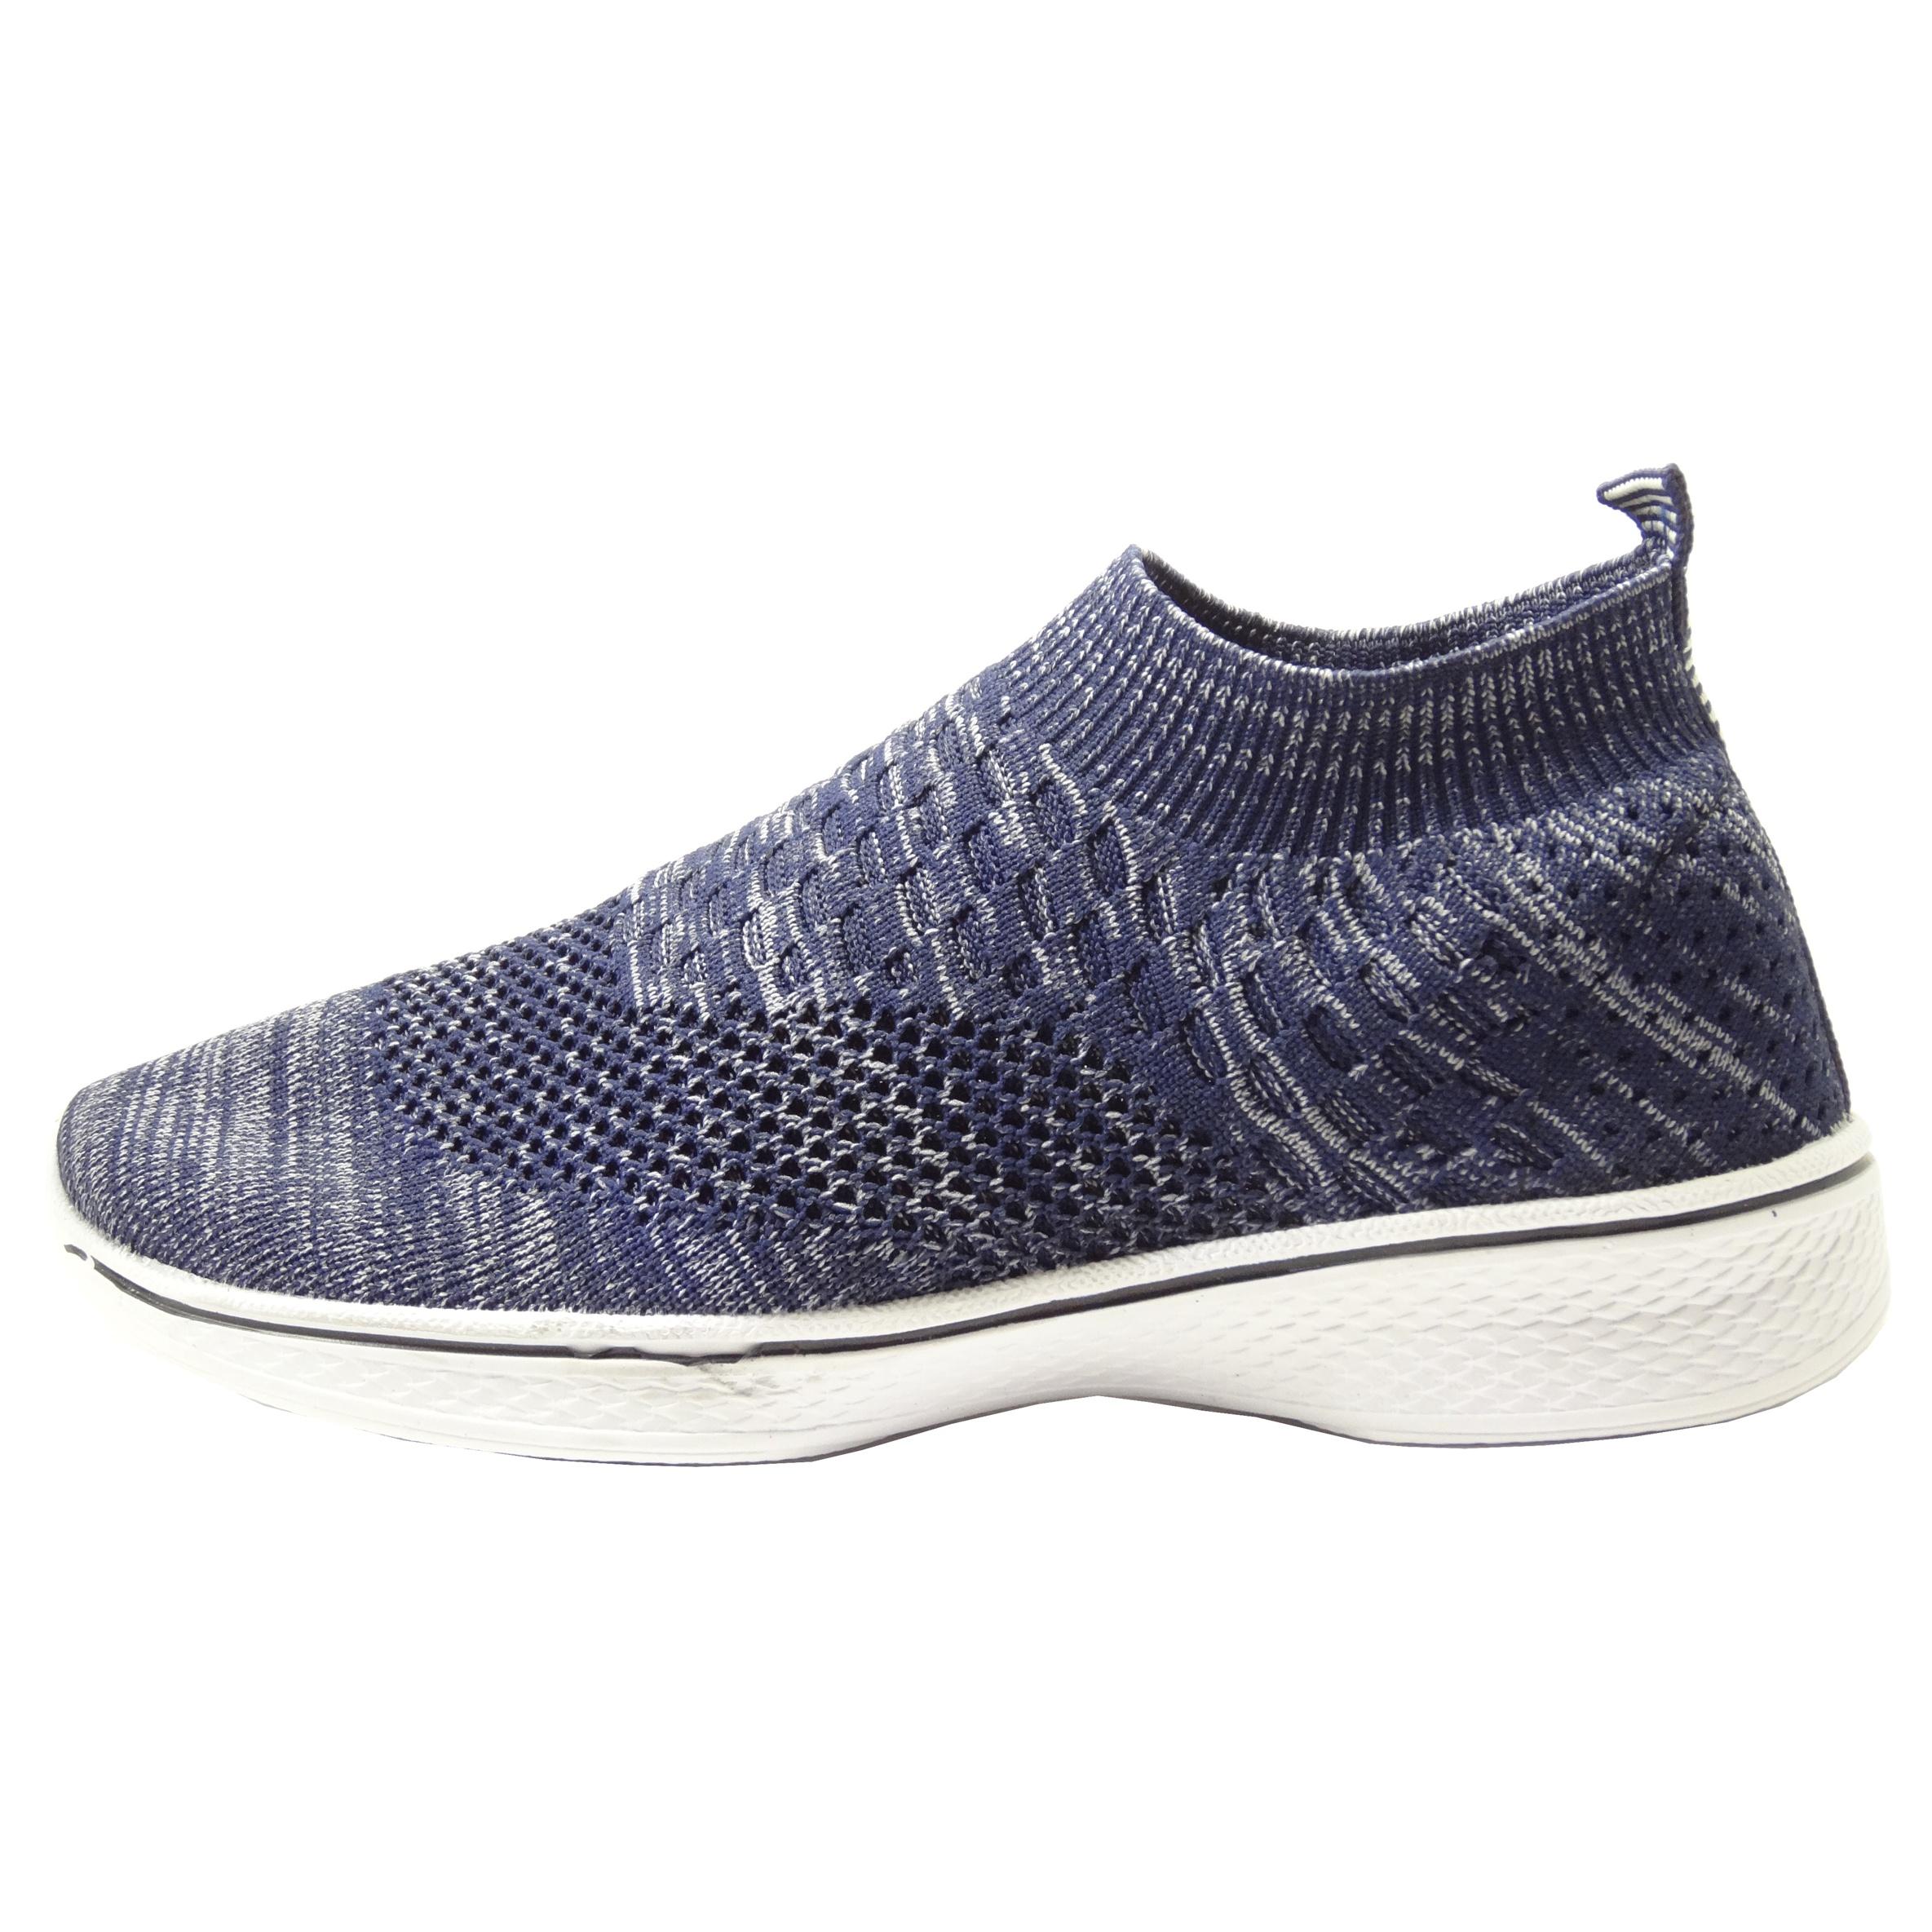 کفش مخصوص پیاده روی زنانه نسیم مدل Paris کد N008              خرید